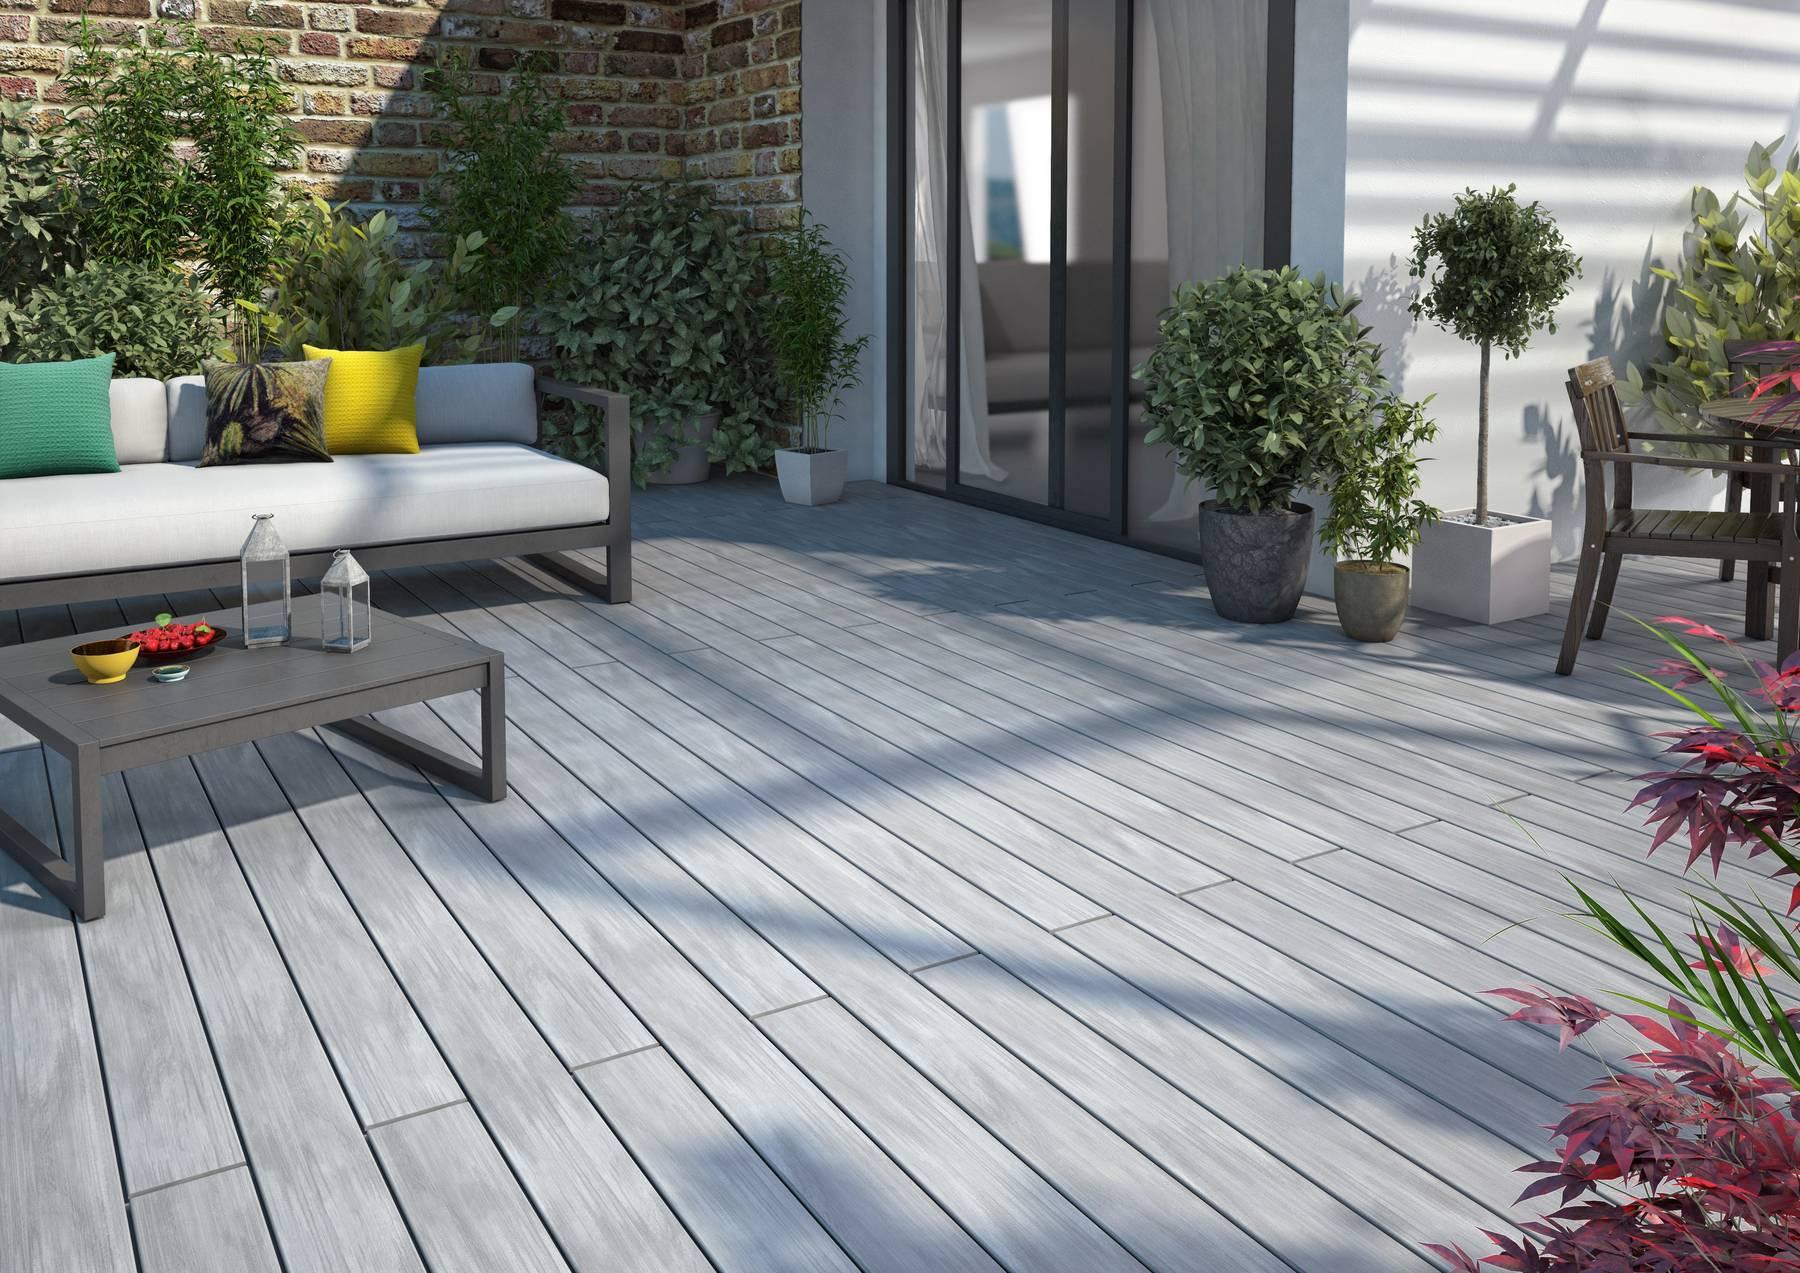 Terrasse 2 - Maisons Pep'S concernant Faire Une Terrasse A Moindre Cout